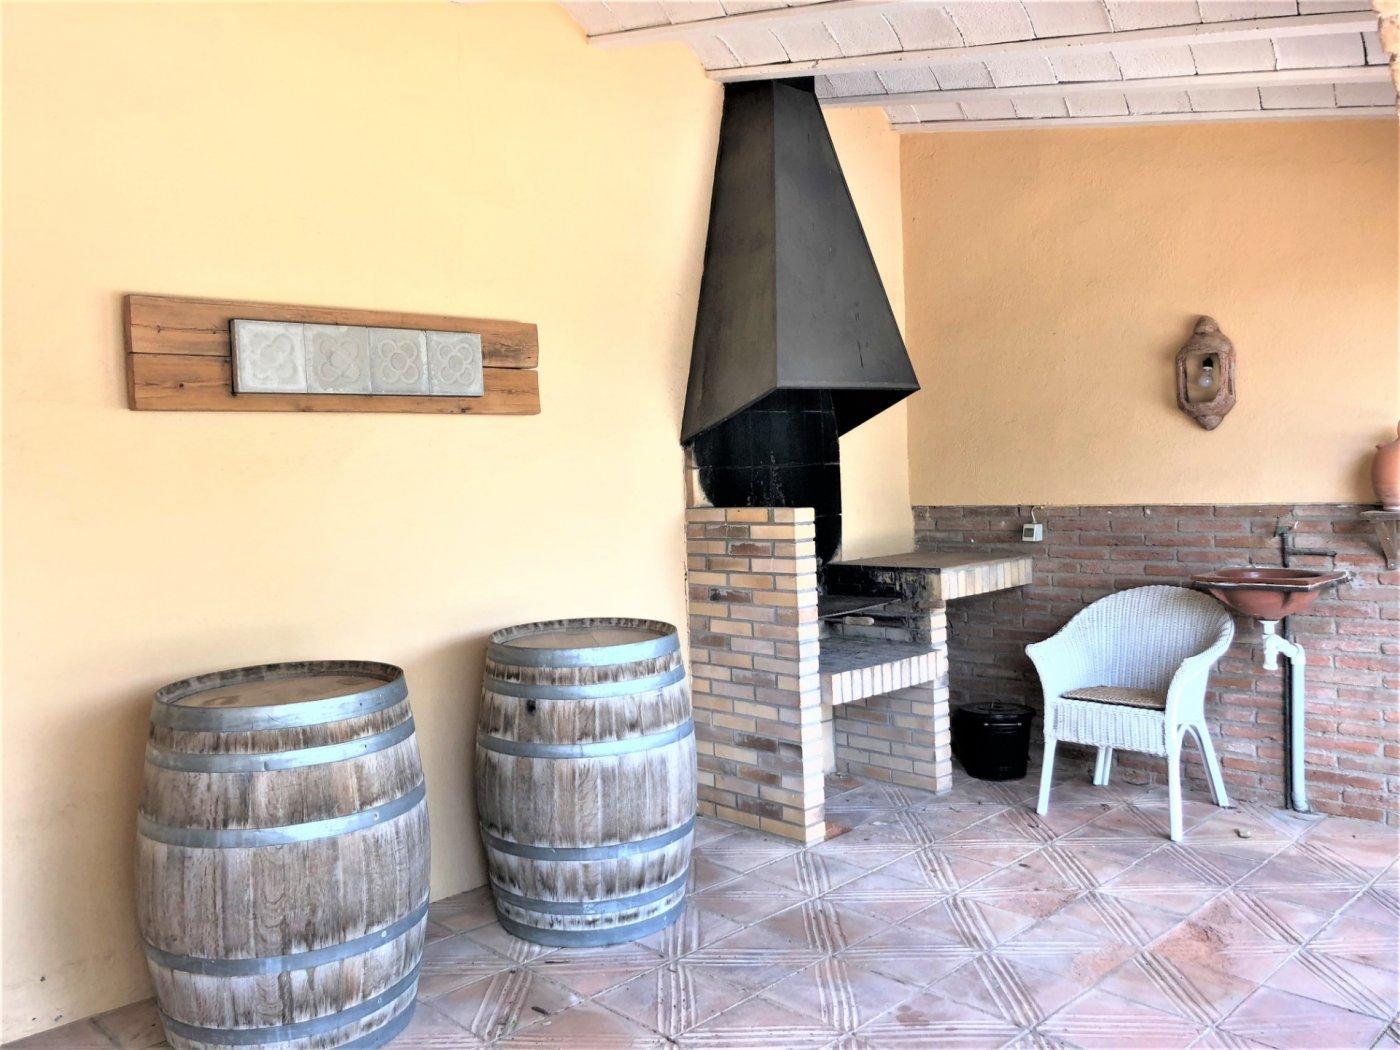 Casa en venta en montblanc - imagenInmueble12